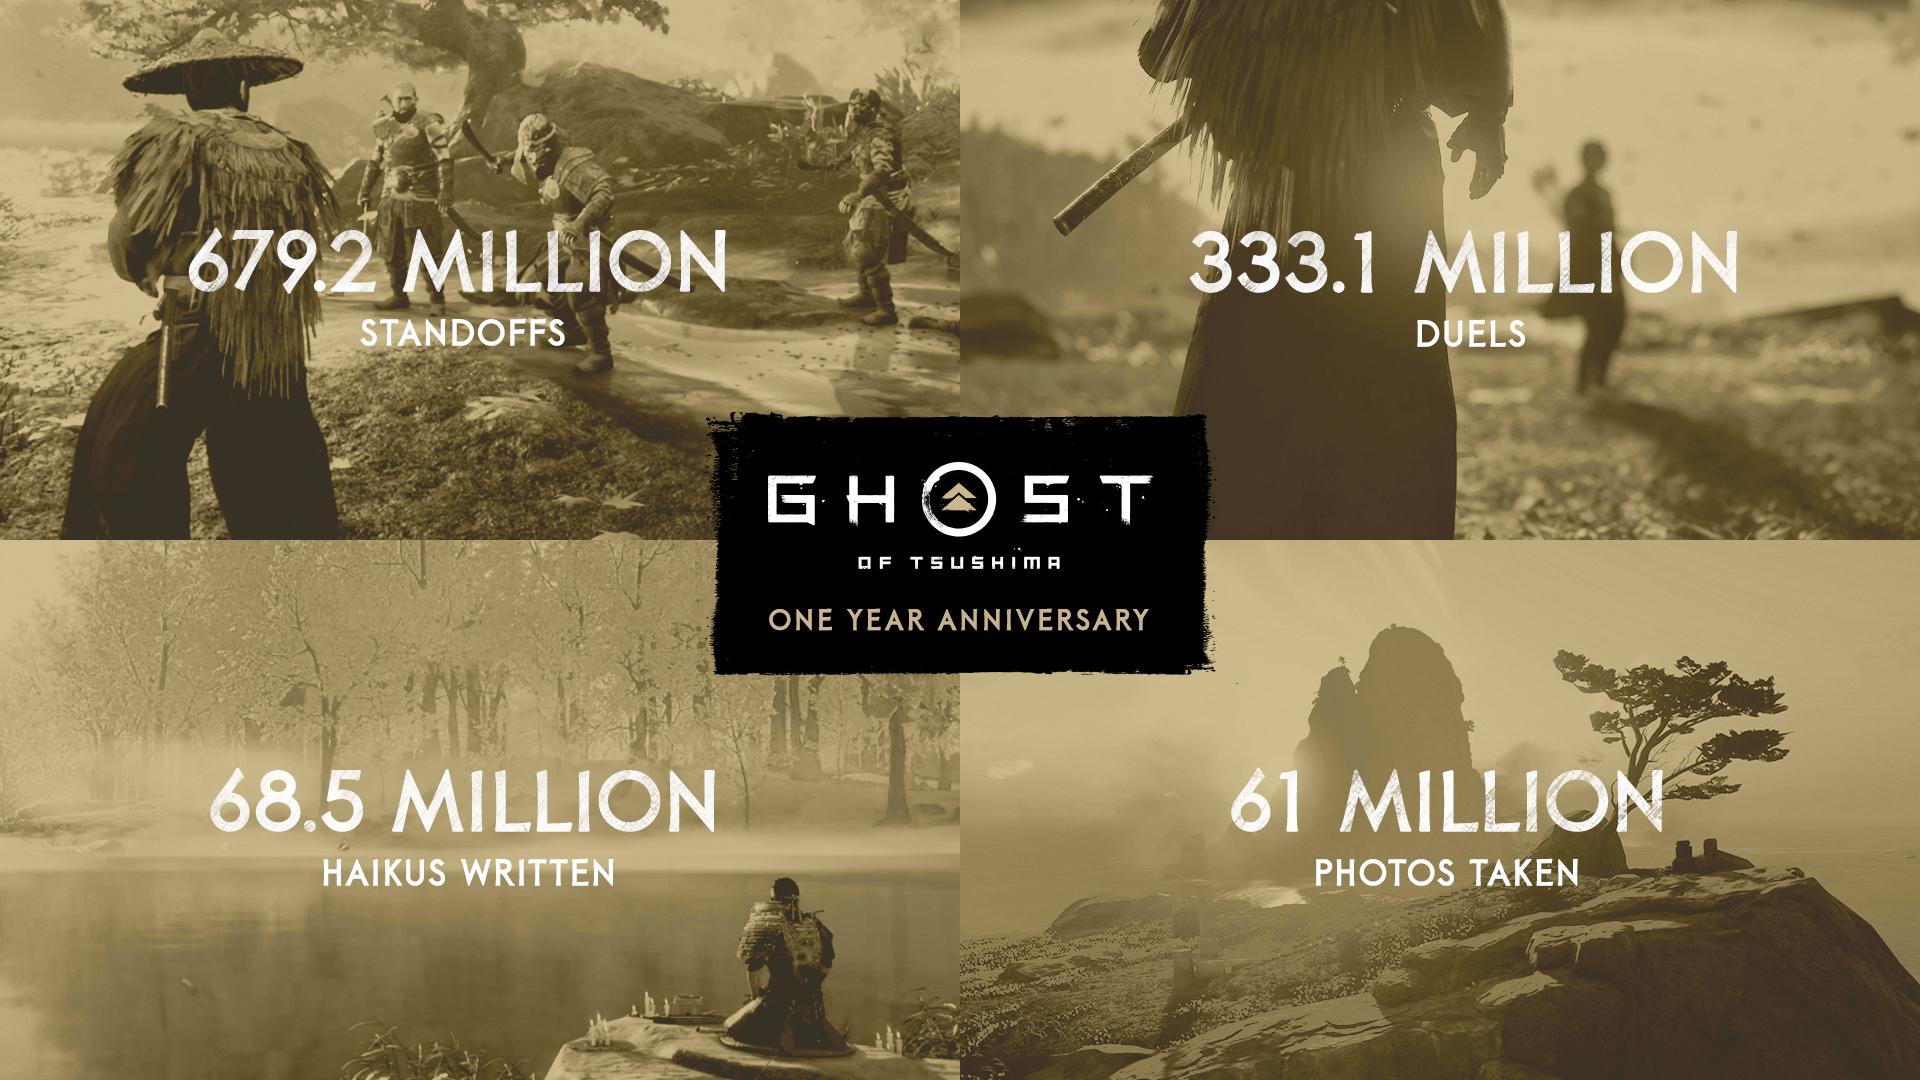 《对马岛之鬼》发售一周年 官方统计数据发布及传奇皮肤回归